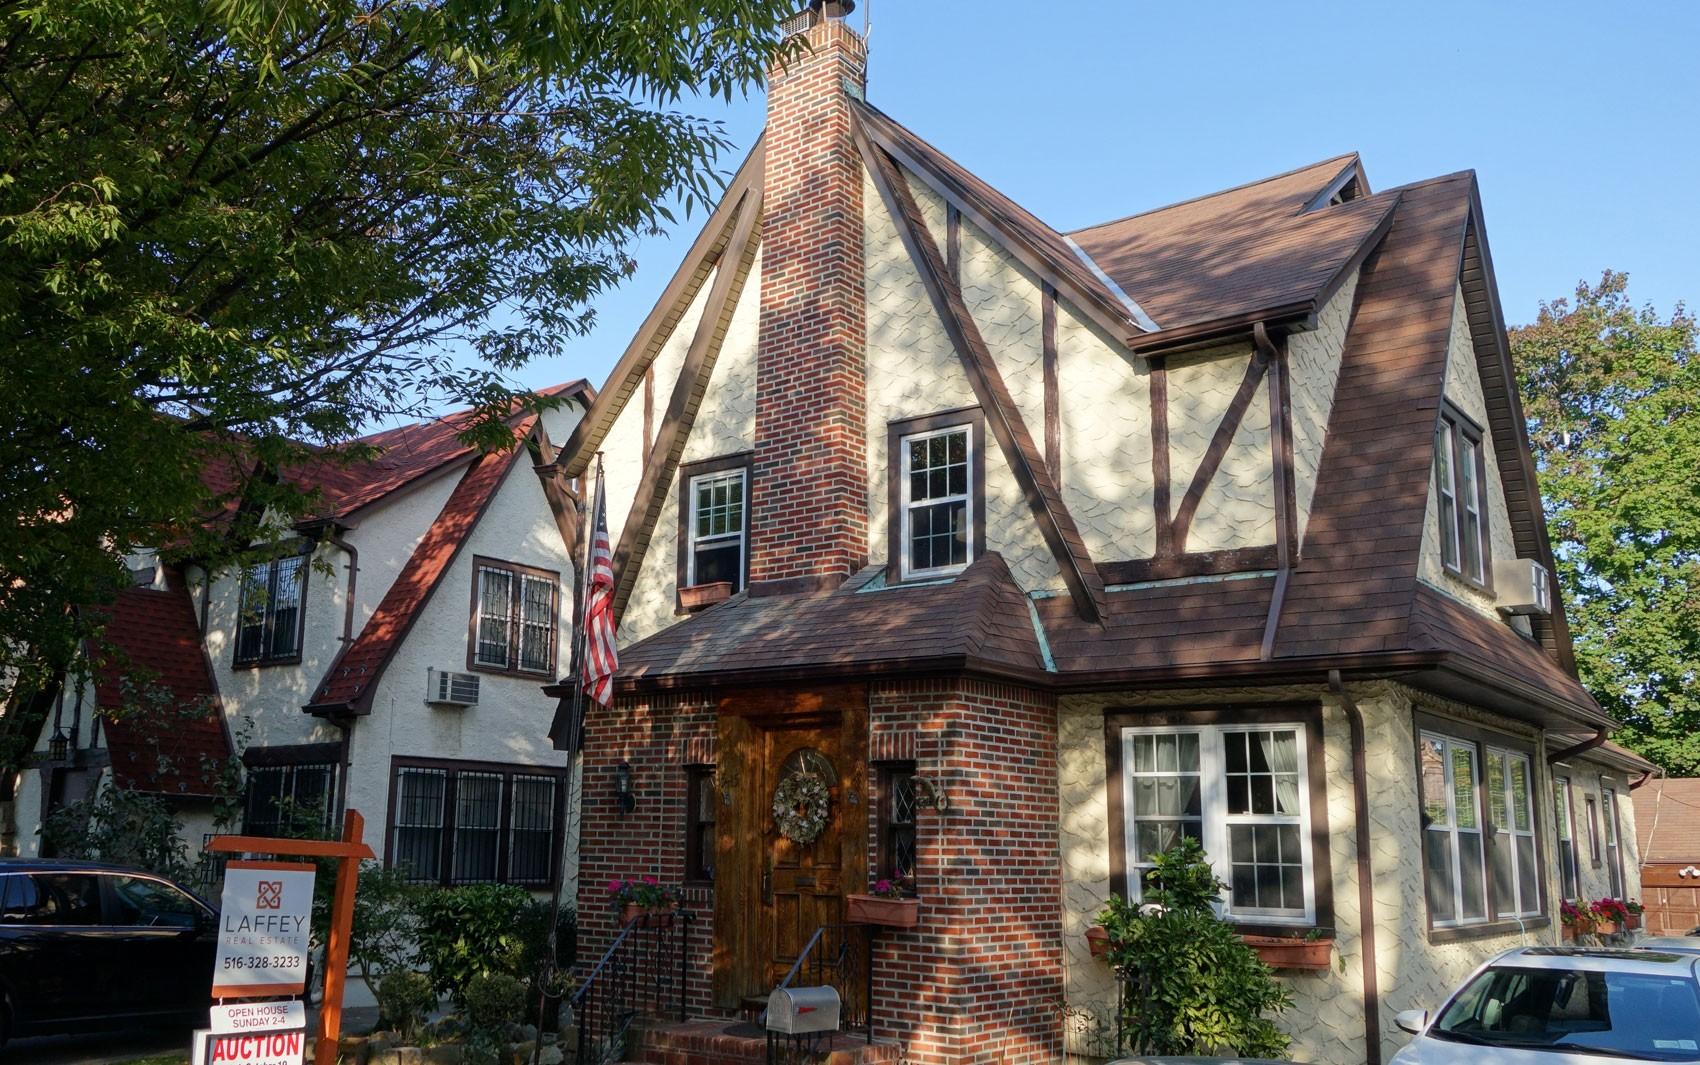 Casa em Nova York onde Trump morou na infância pode ser alugada no Airbnb